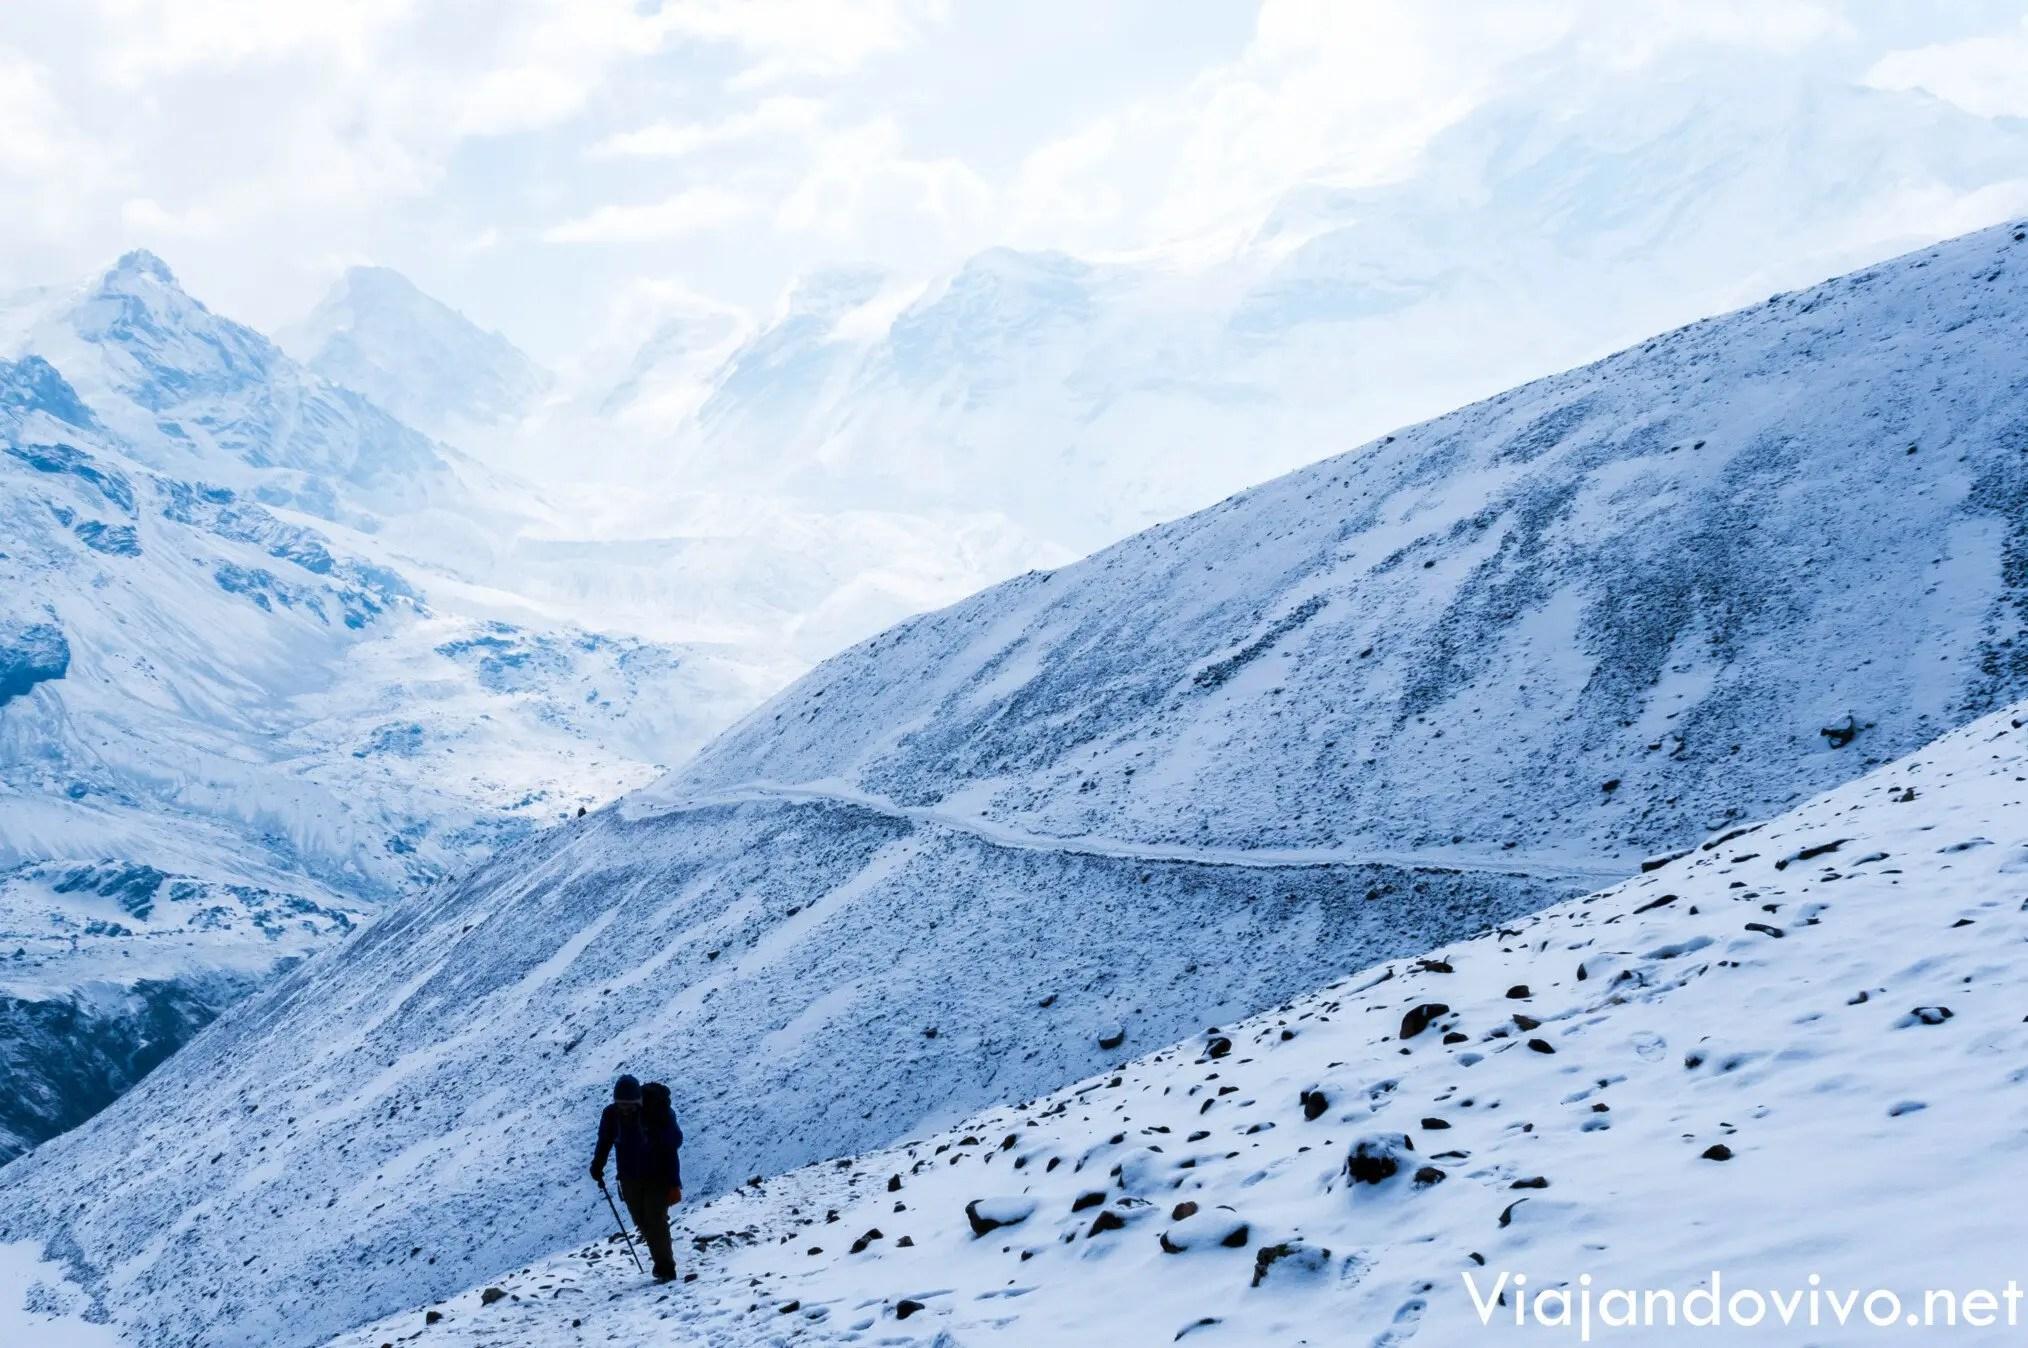 Celeste en la última etapa del Circuito de Annapurna en Nepal